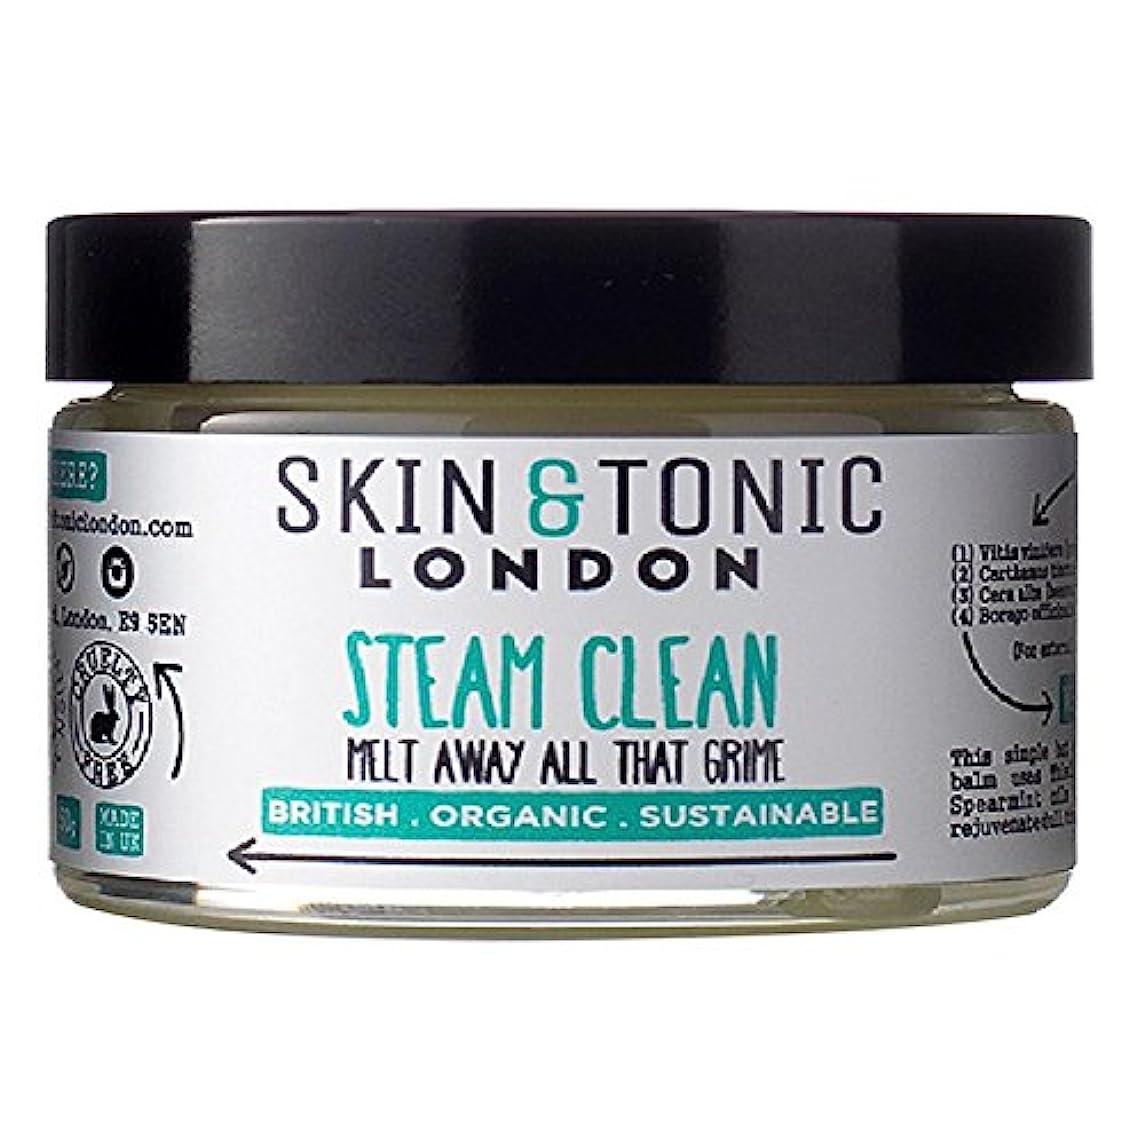 刺激する時間とともに手順Skin & Tonic London Steam Clean 50g (Pack of 6) - スキン&トニックロンドン蒸気きれいな50グラム x6 [並行輸入品]